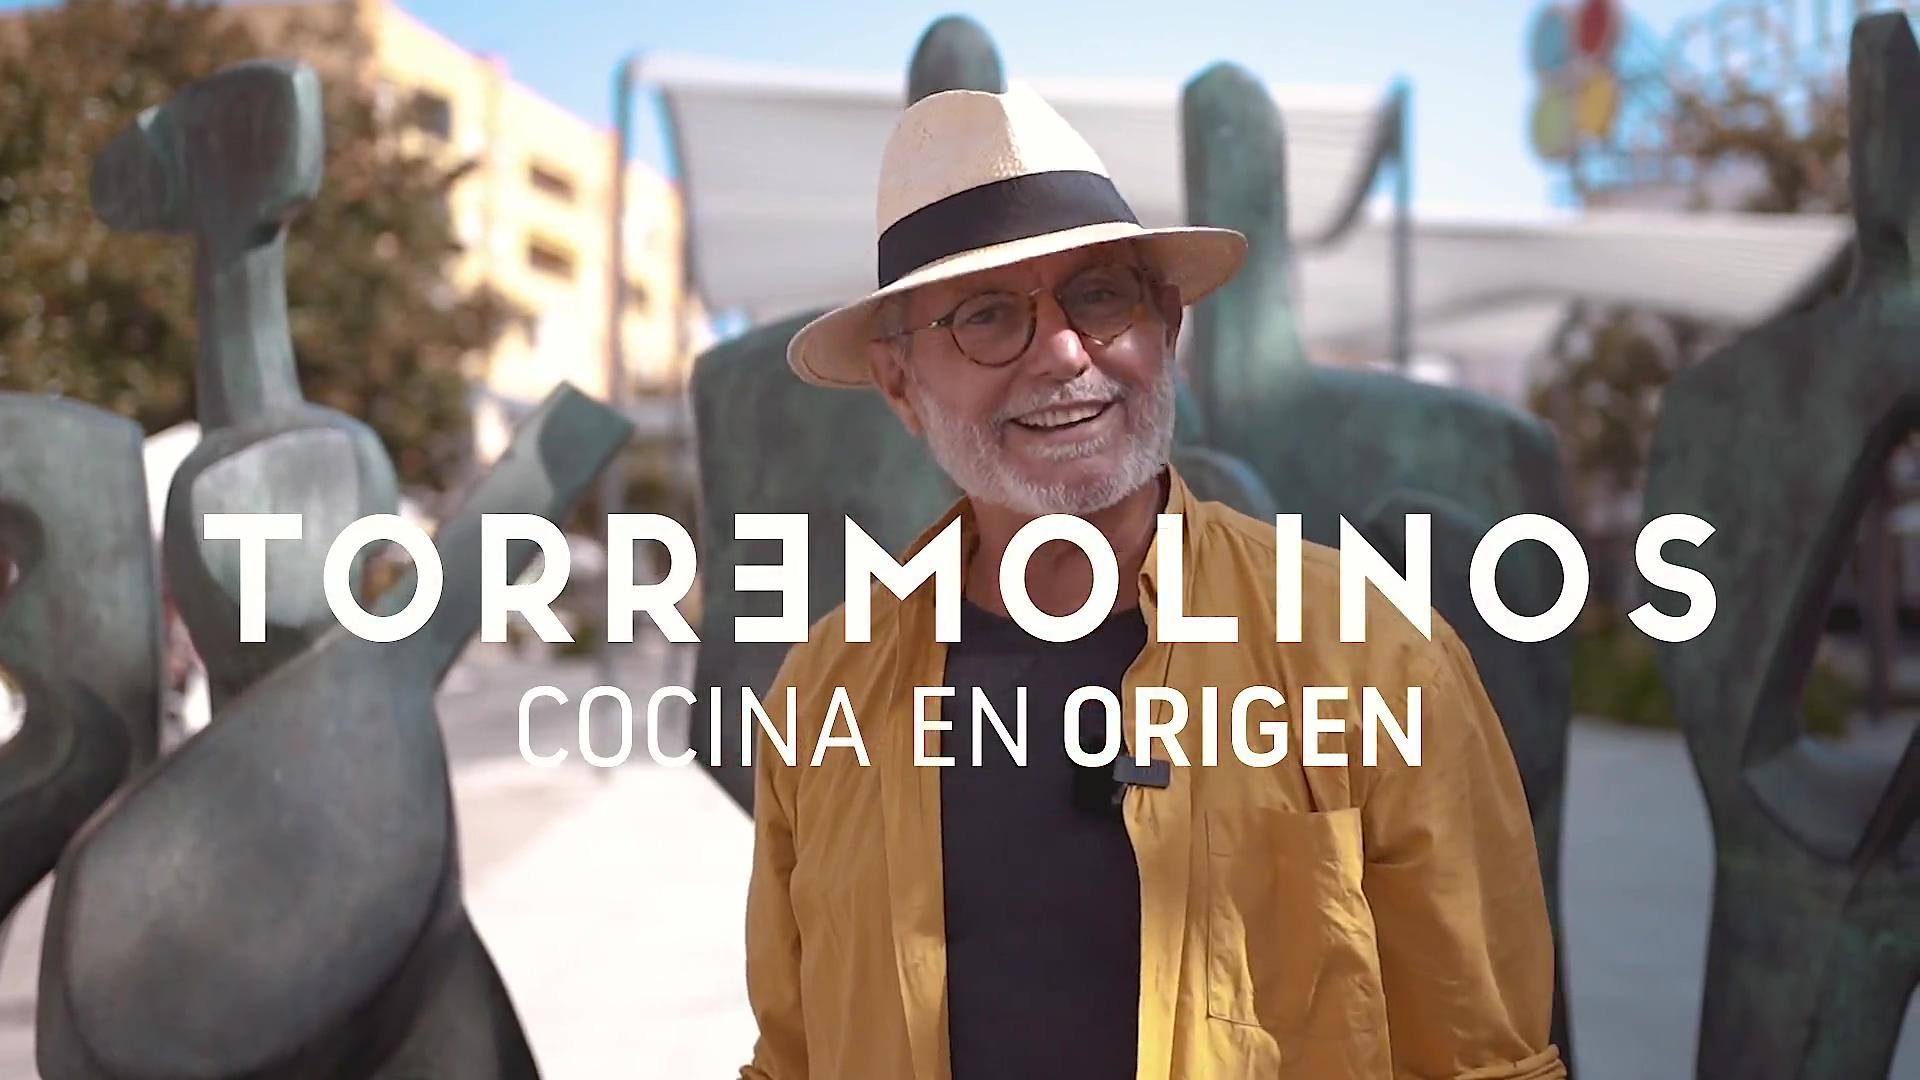 TORREMOLINOS - MALAGA COCINA EN ORIGEN